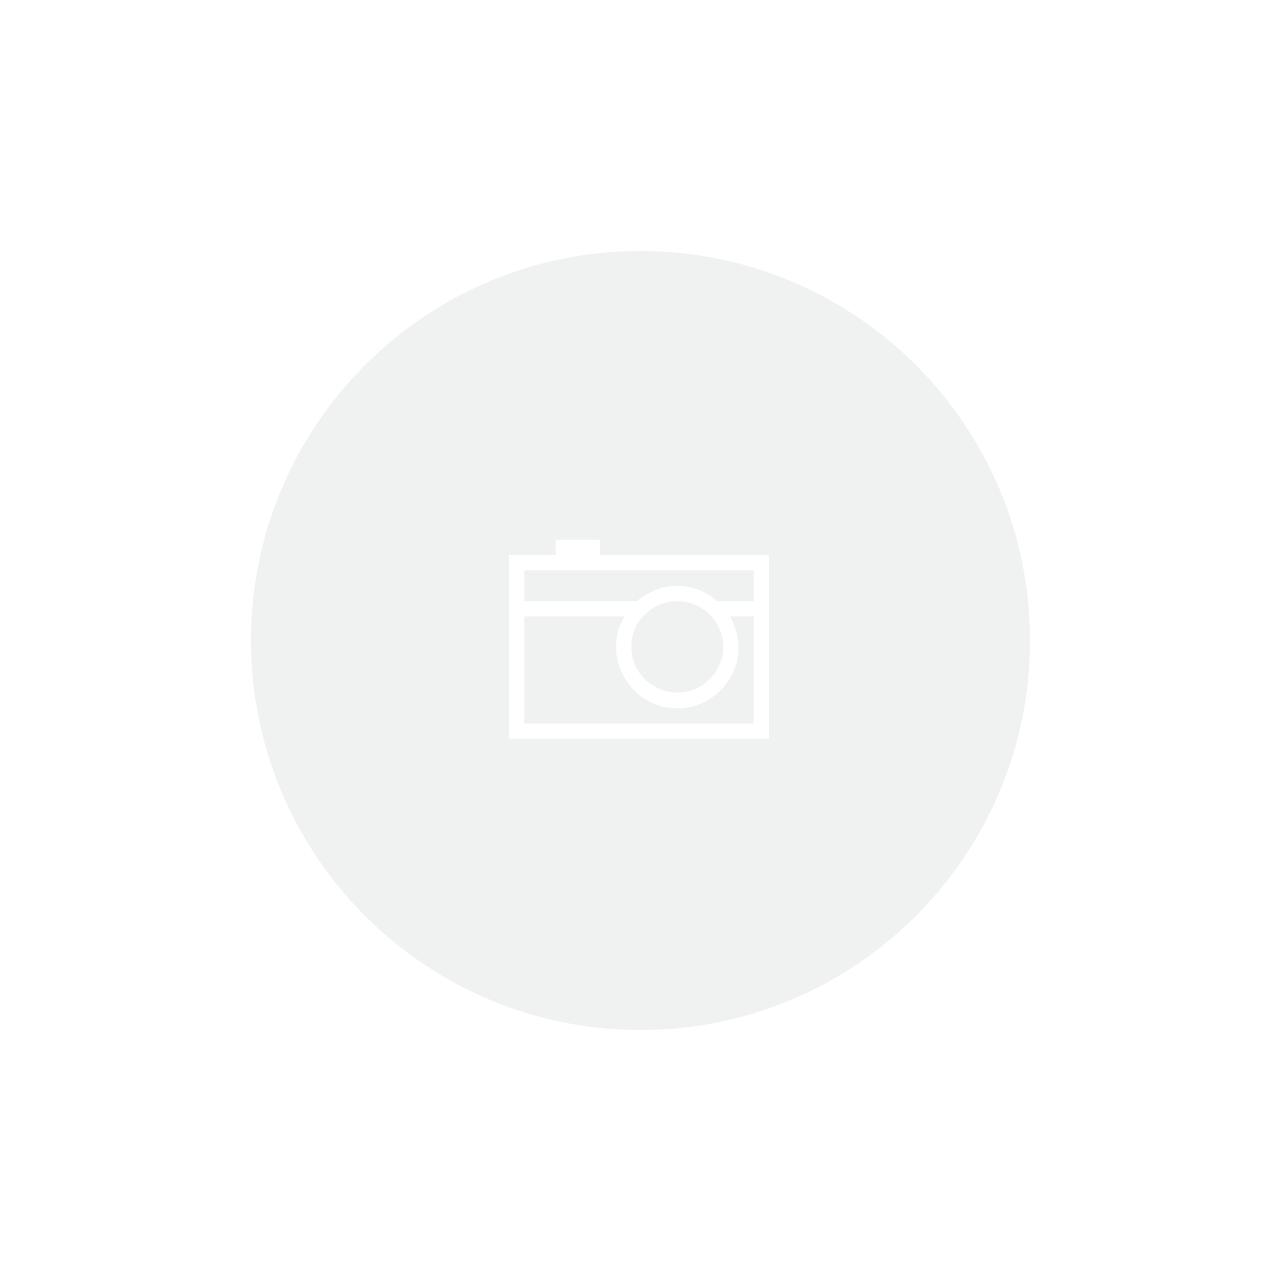 CADEADO 10mm X 60mm ELLEVEN SEGREDO C/ PROT. SILICONE